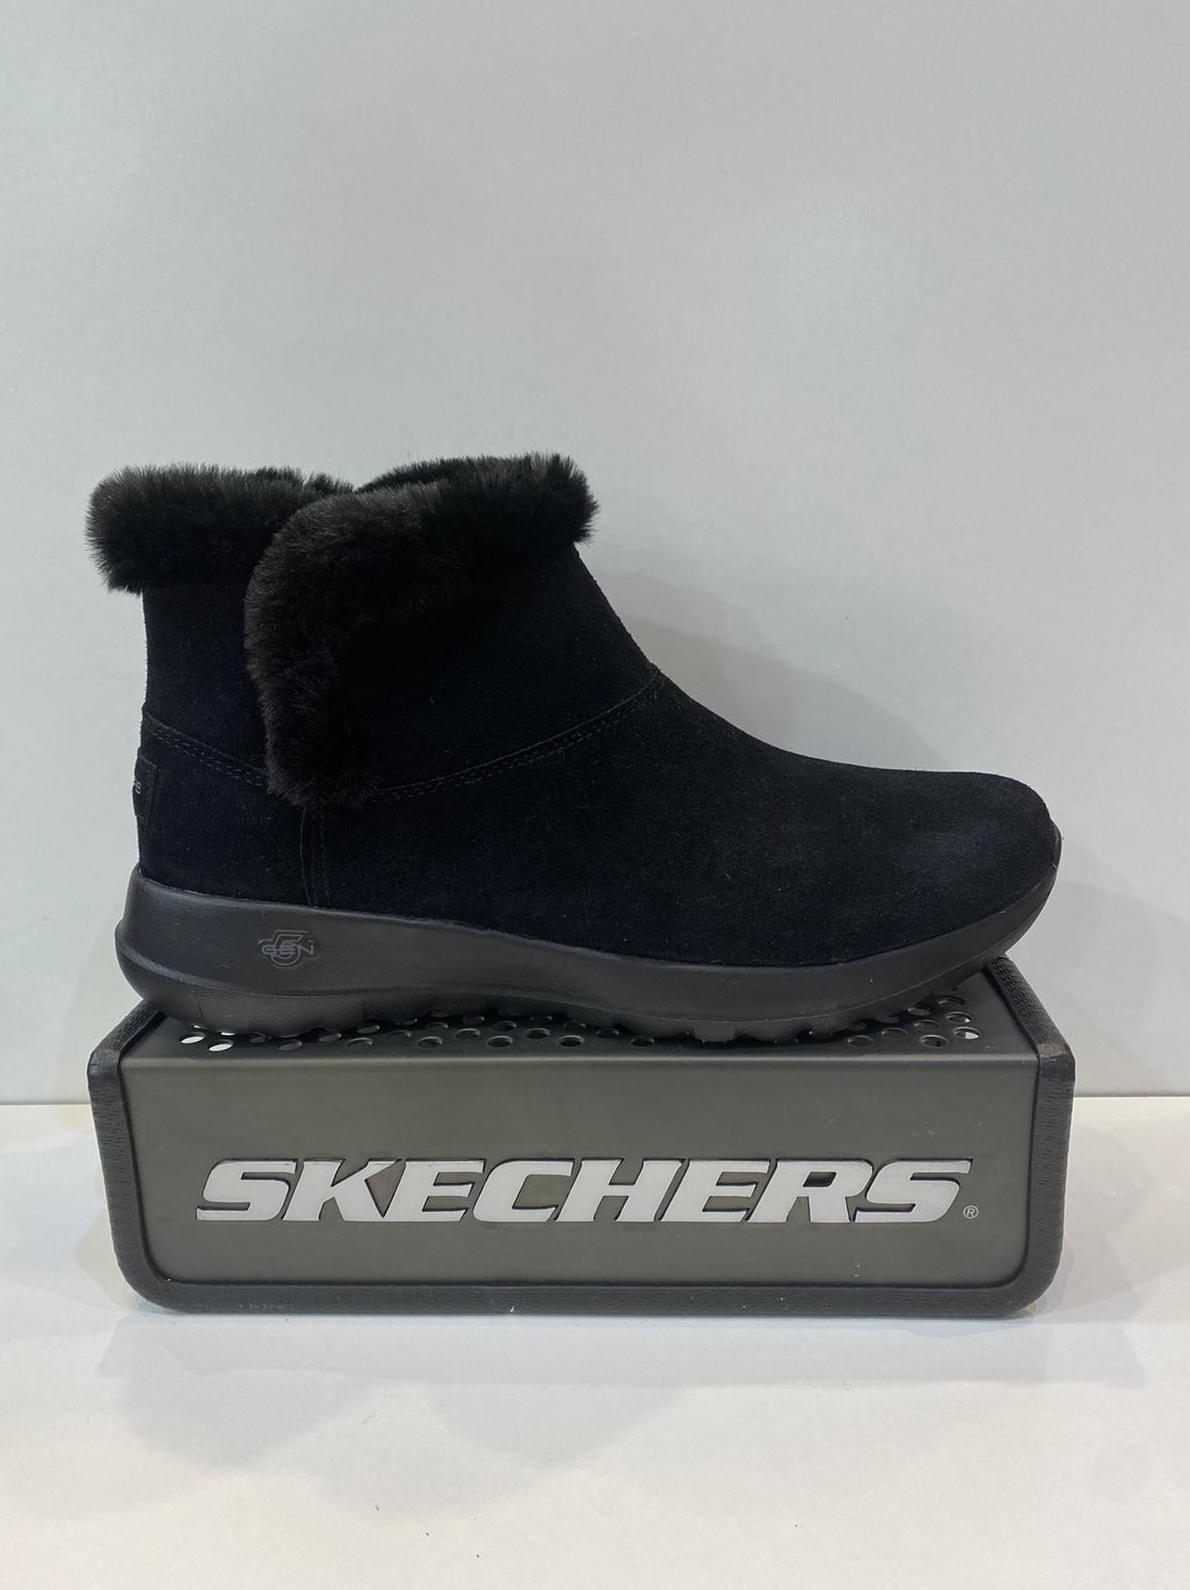 Botí de dona, de la marca Skechers, ample especial, plantilla memory foam, afelpades, sola de resalite 74.95€